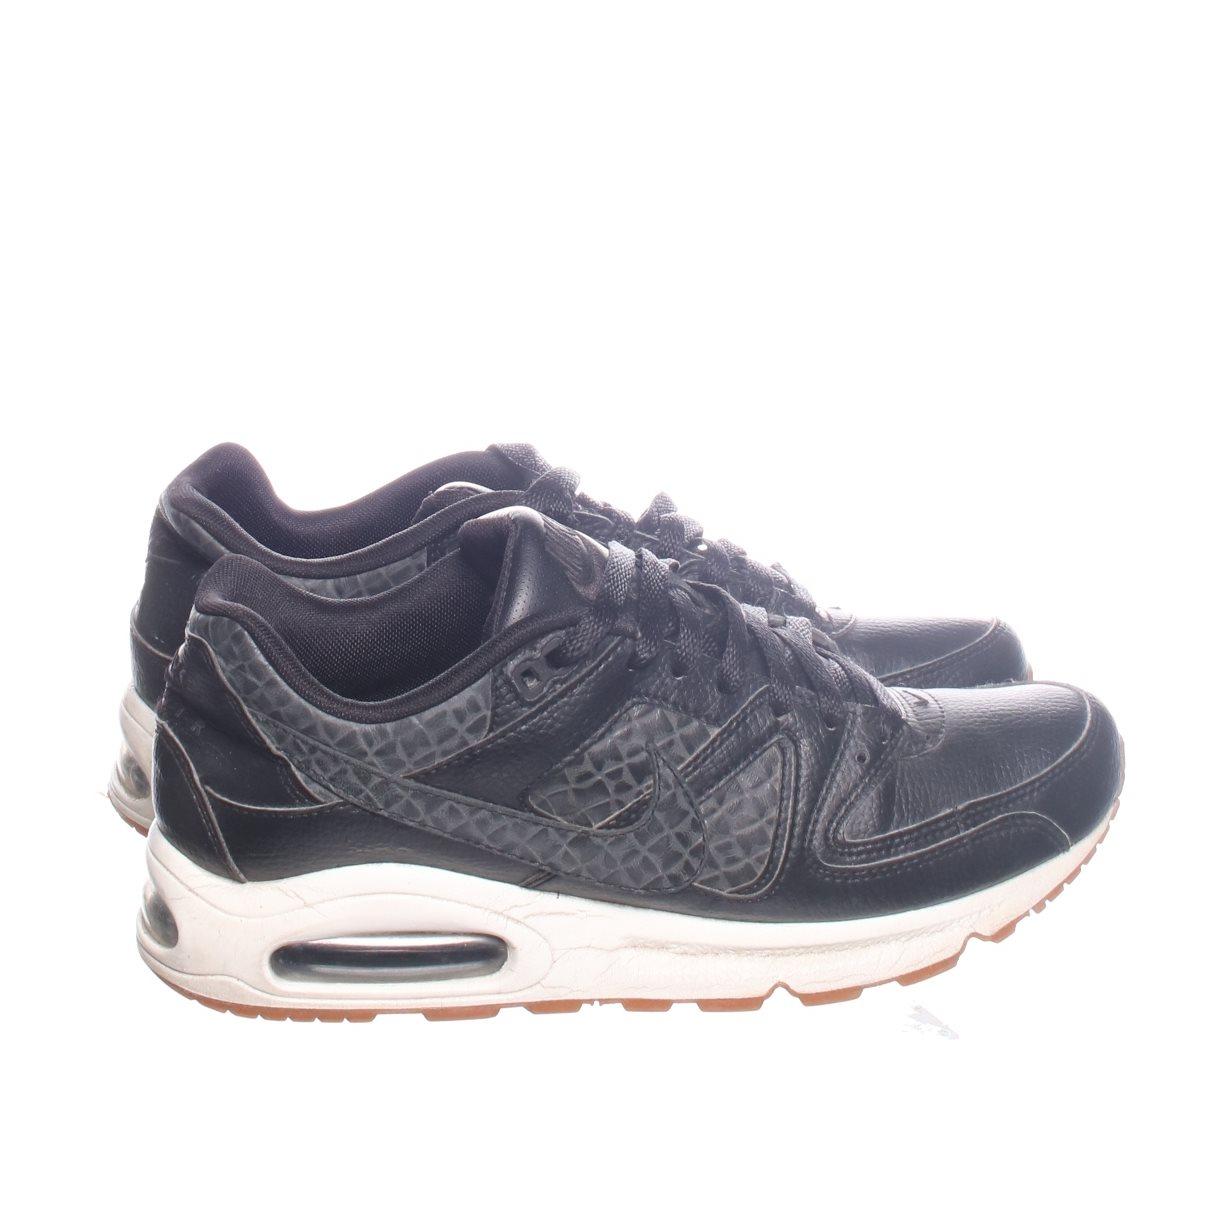 san francisco 34aec 6987c Nike Air Max, Sneakers, Strl  42, Svart, Skinn